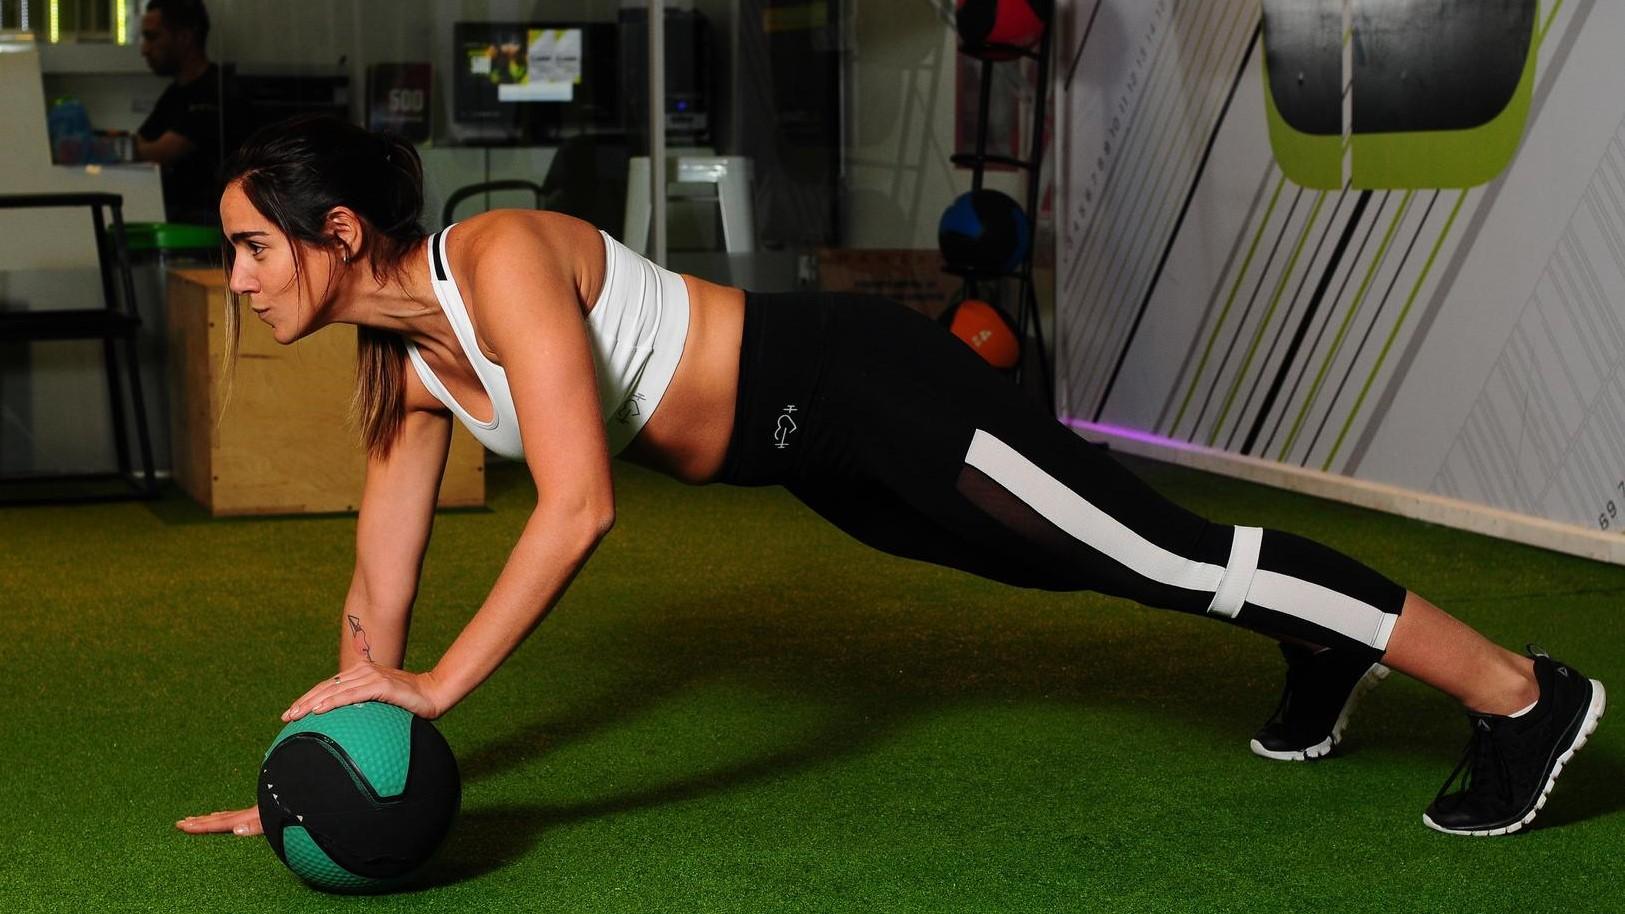 femme qui fait du sport, entrainement sportif